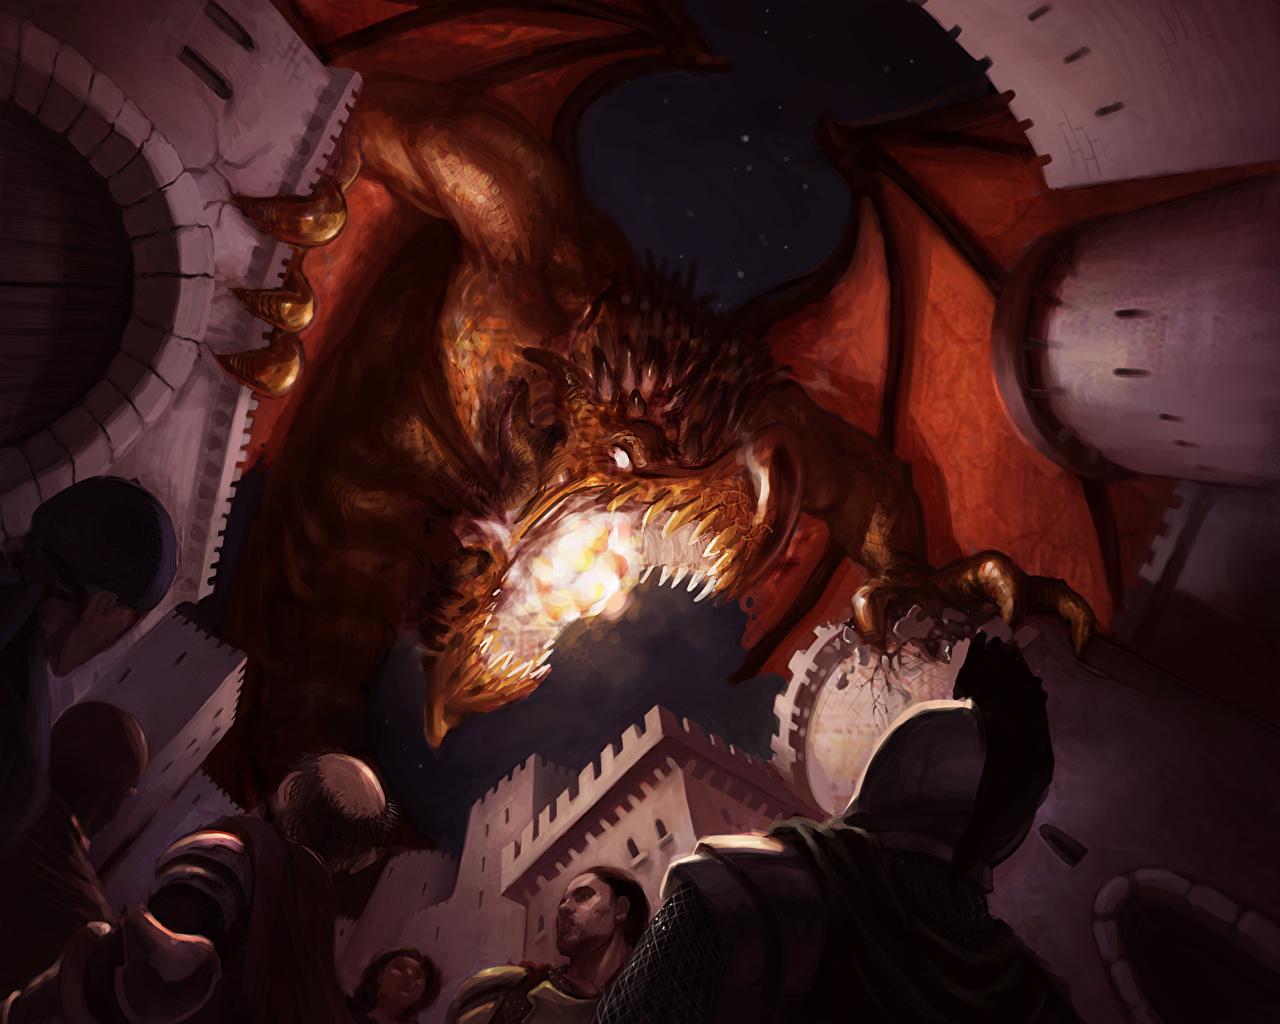 Foto een draak Krijger Burcht Fantasy Vuur Veldslag Draken krijgers vlam de strijd